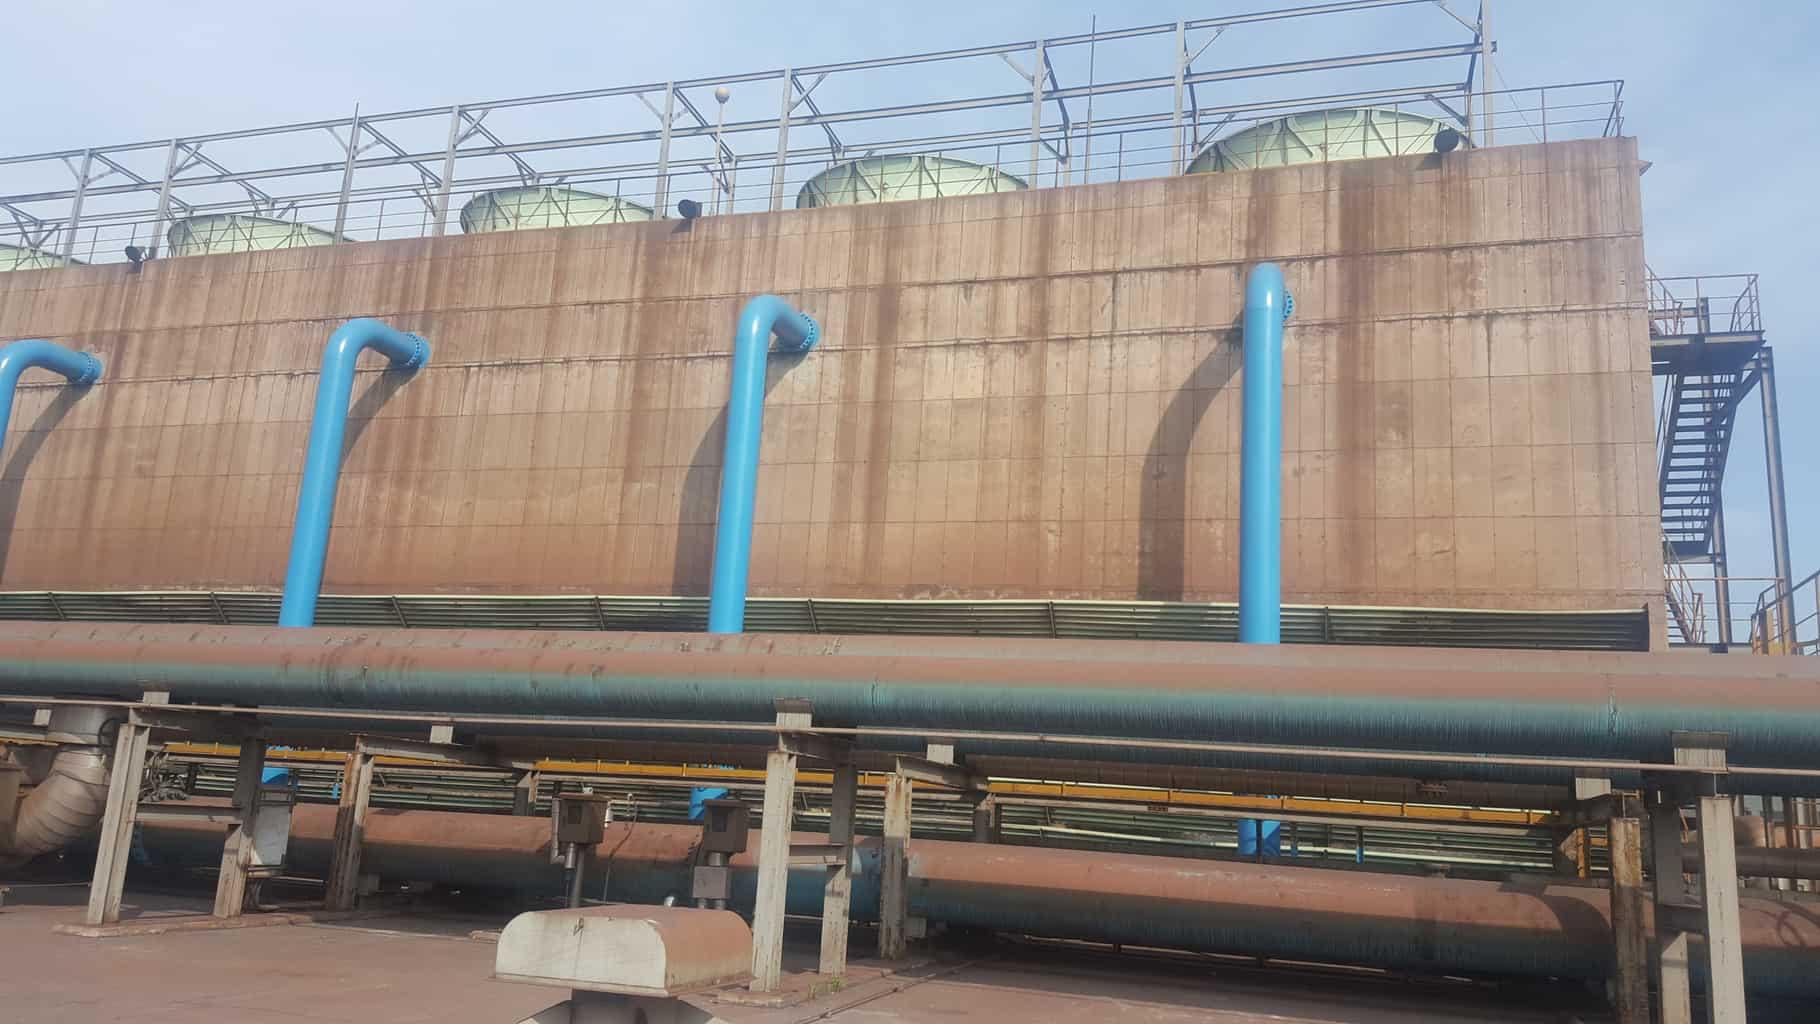 blue pipeline externals on large concrete building